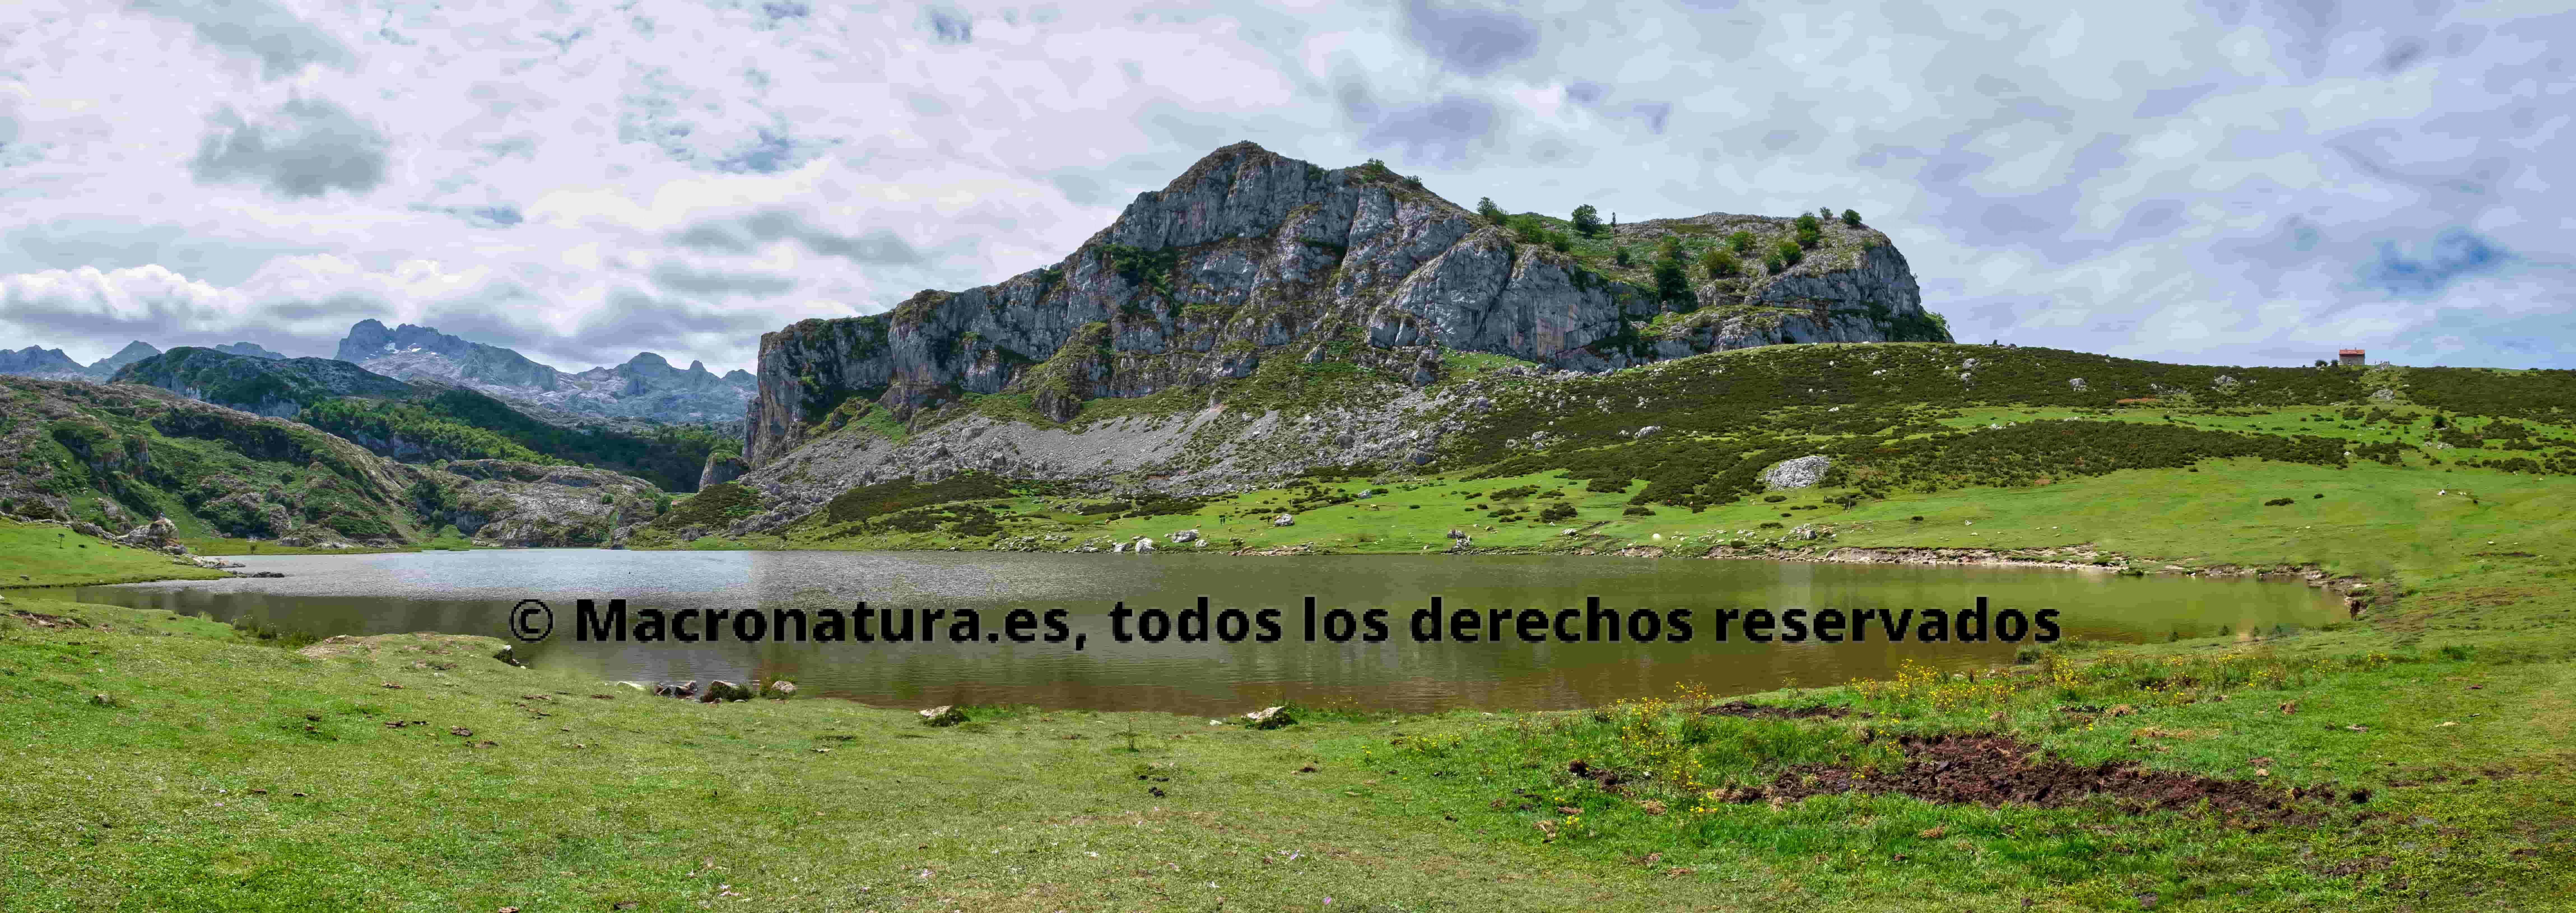 Panorámica de Lagos de Covadonga. Se observa el Lago Ercina en un día soleado con algunas nubes.